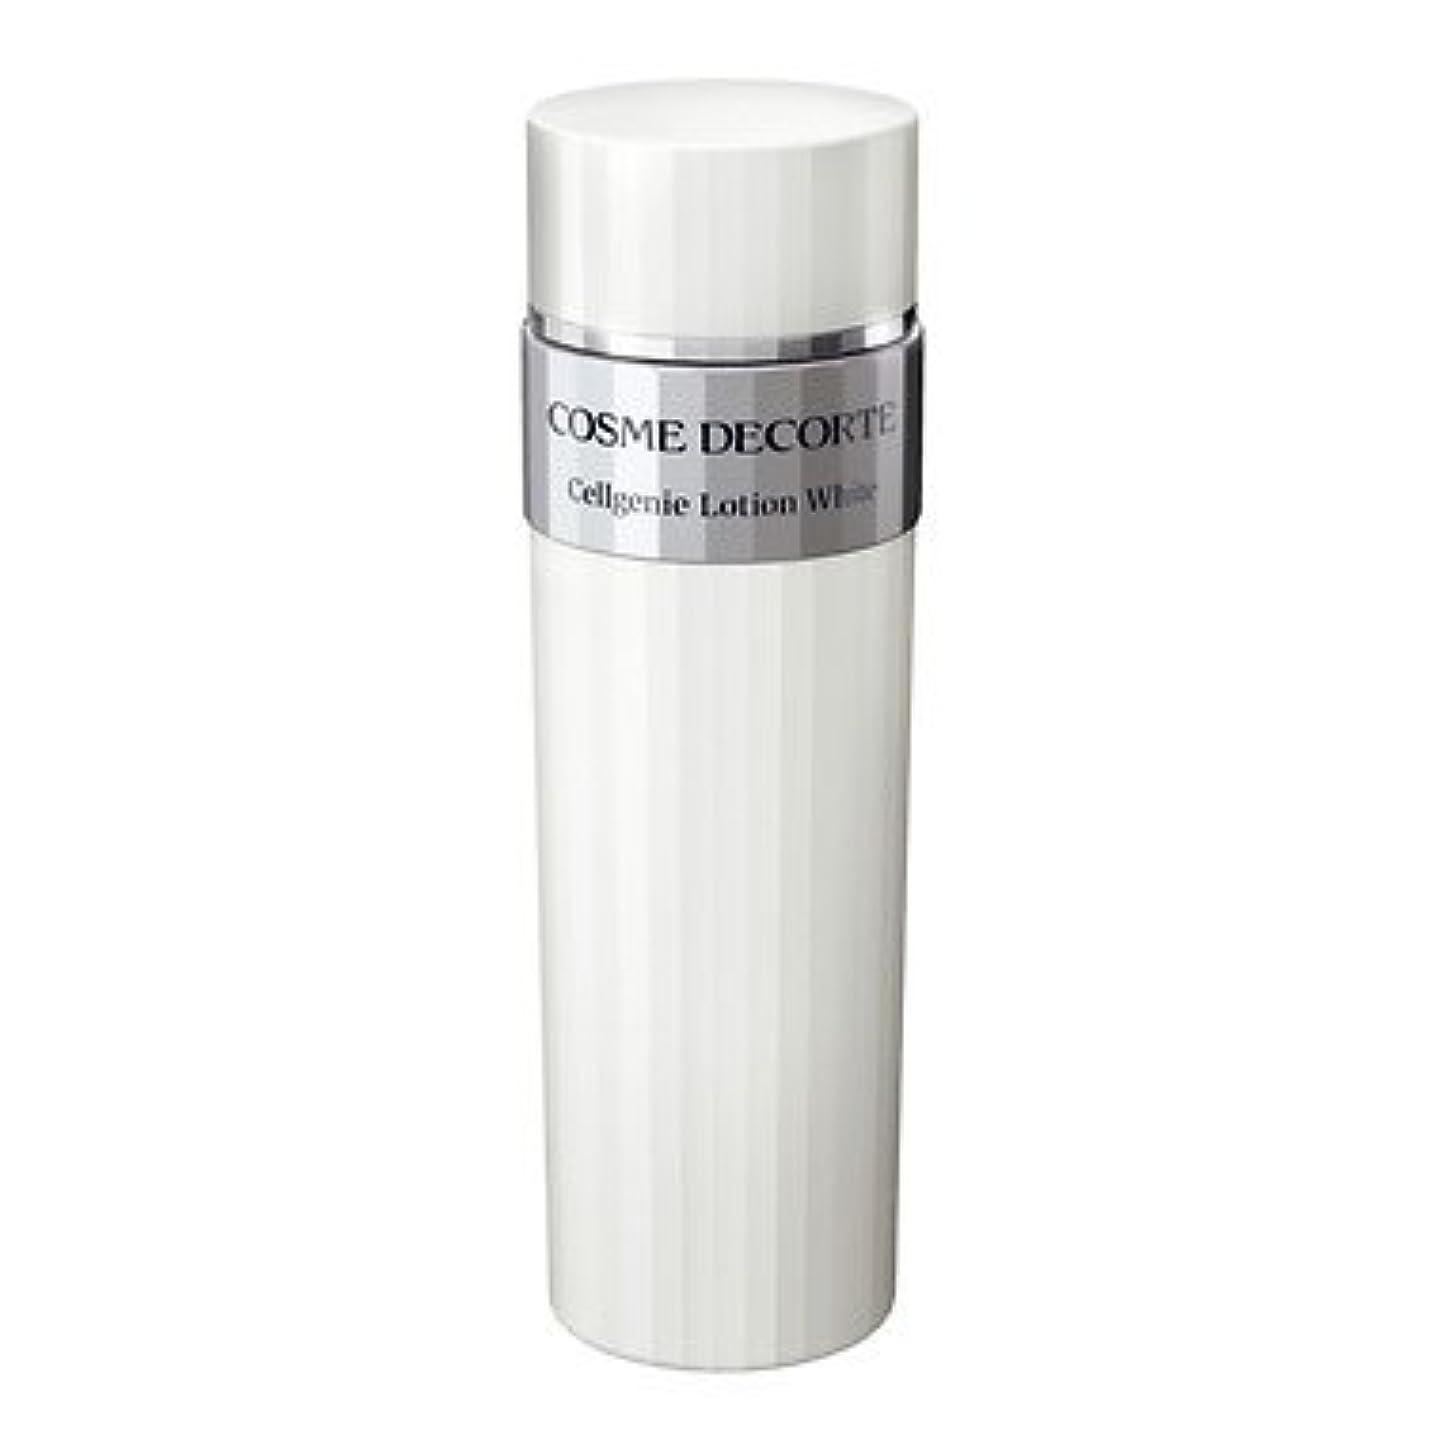 COSME DECORTE コーセー/KOSE セルジェニーローションホワイト 200ml [362916] [並行輸入品]